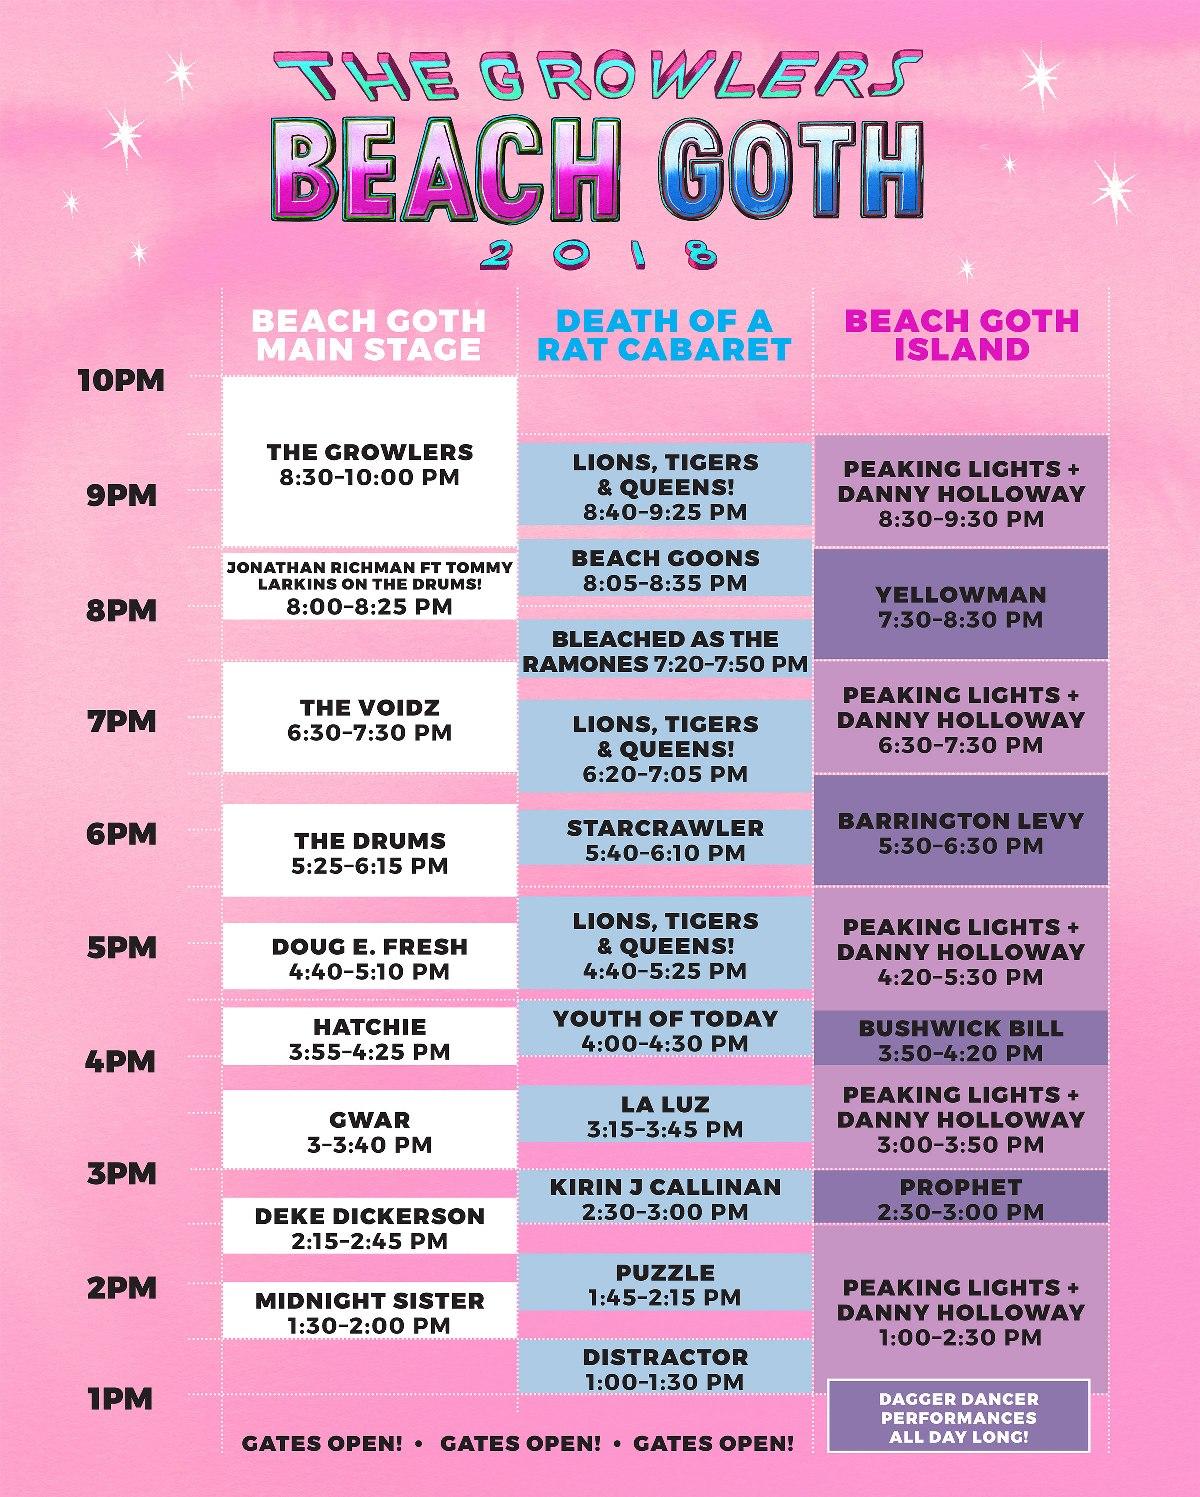 Beach_Goth_Schedule